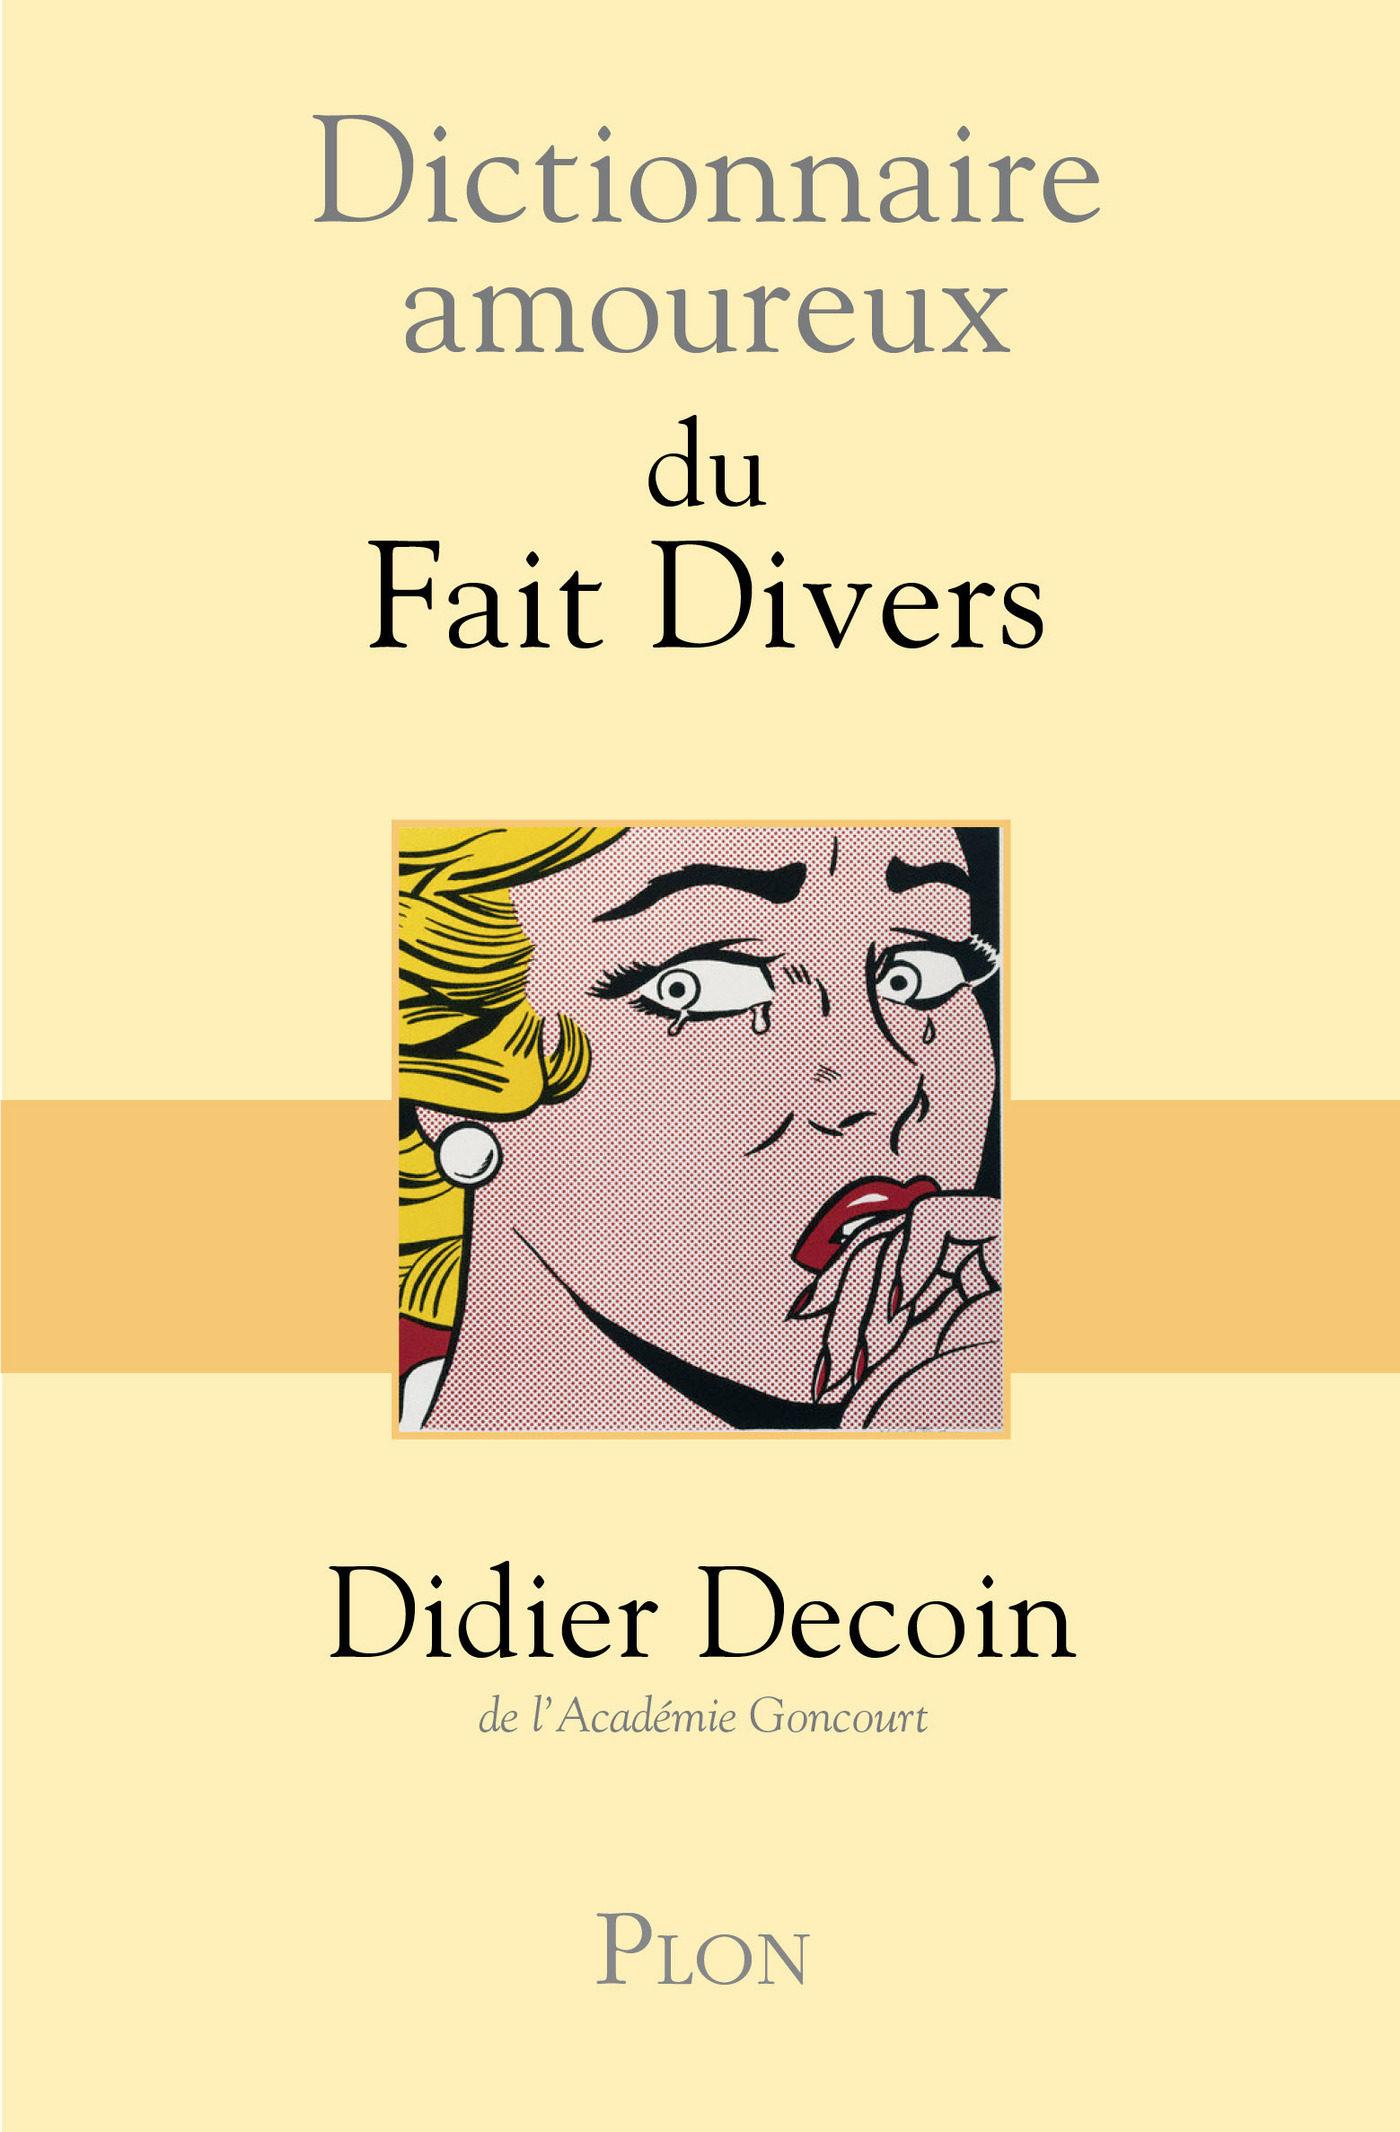 Dictionnaire Amoureux Des Faits Divers   por Didier Decoin epub